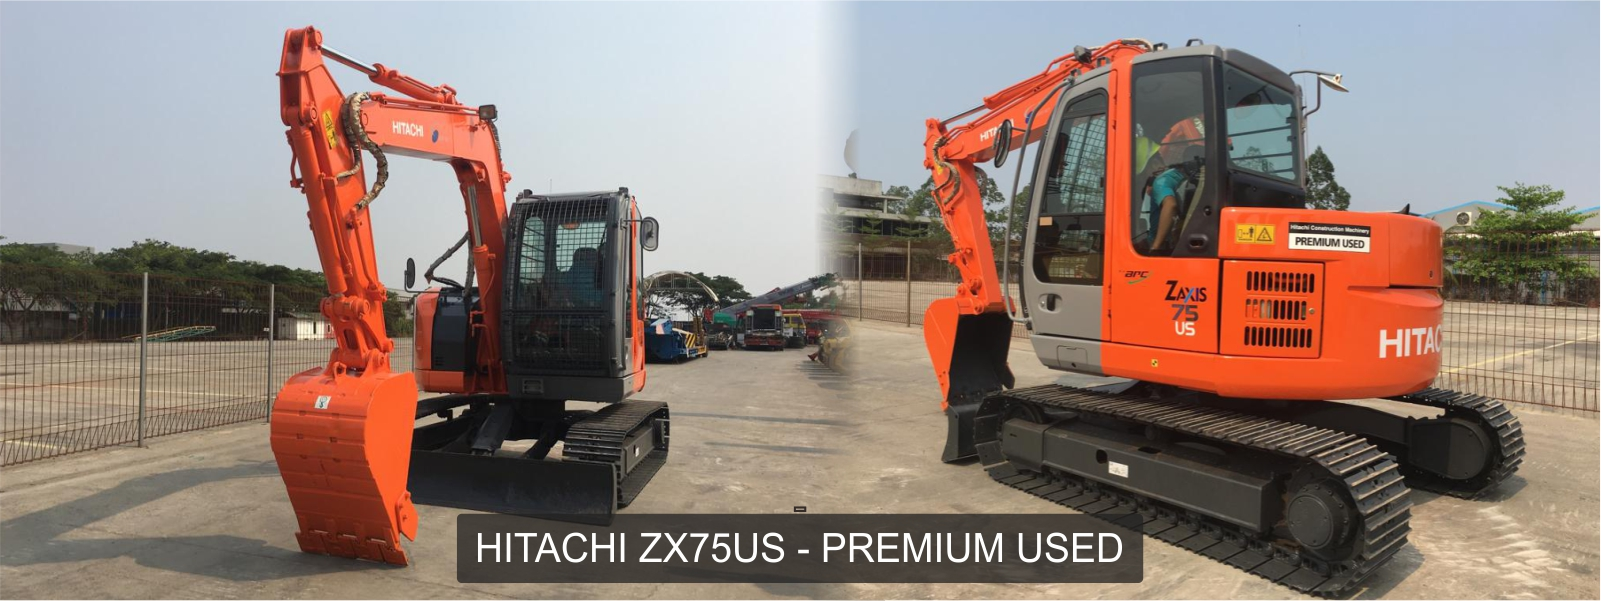 Exxa - HItachi ZX75US 7ton Premium Used - Excavator Bekas HItachi - Beko Bekas Hitachi